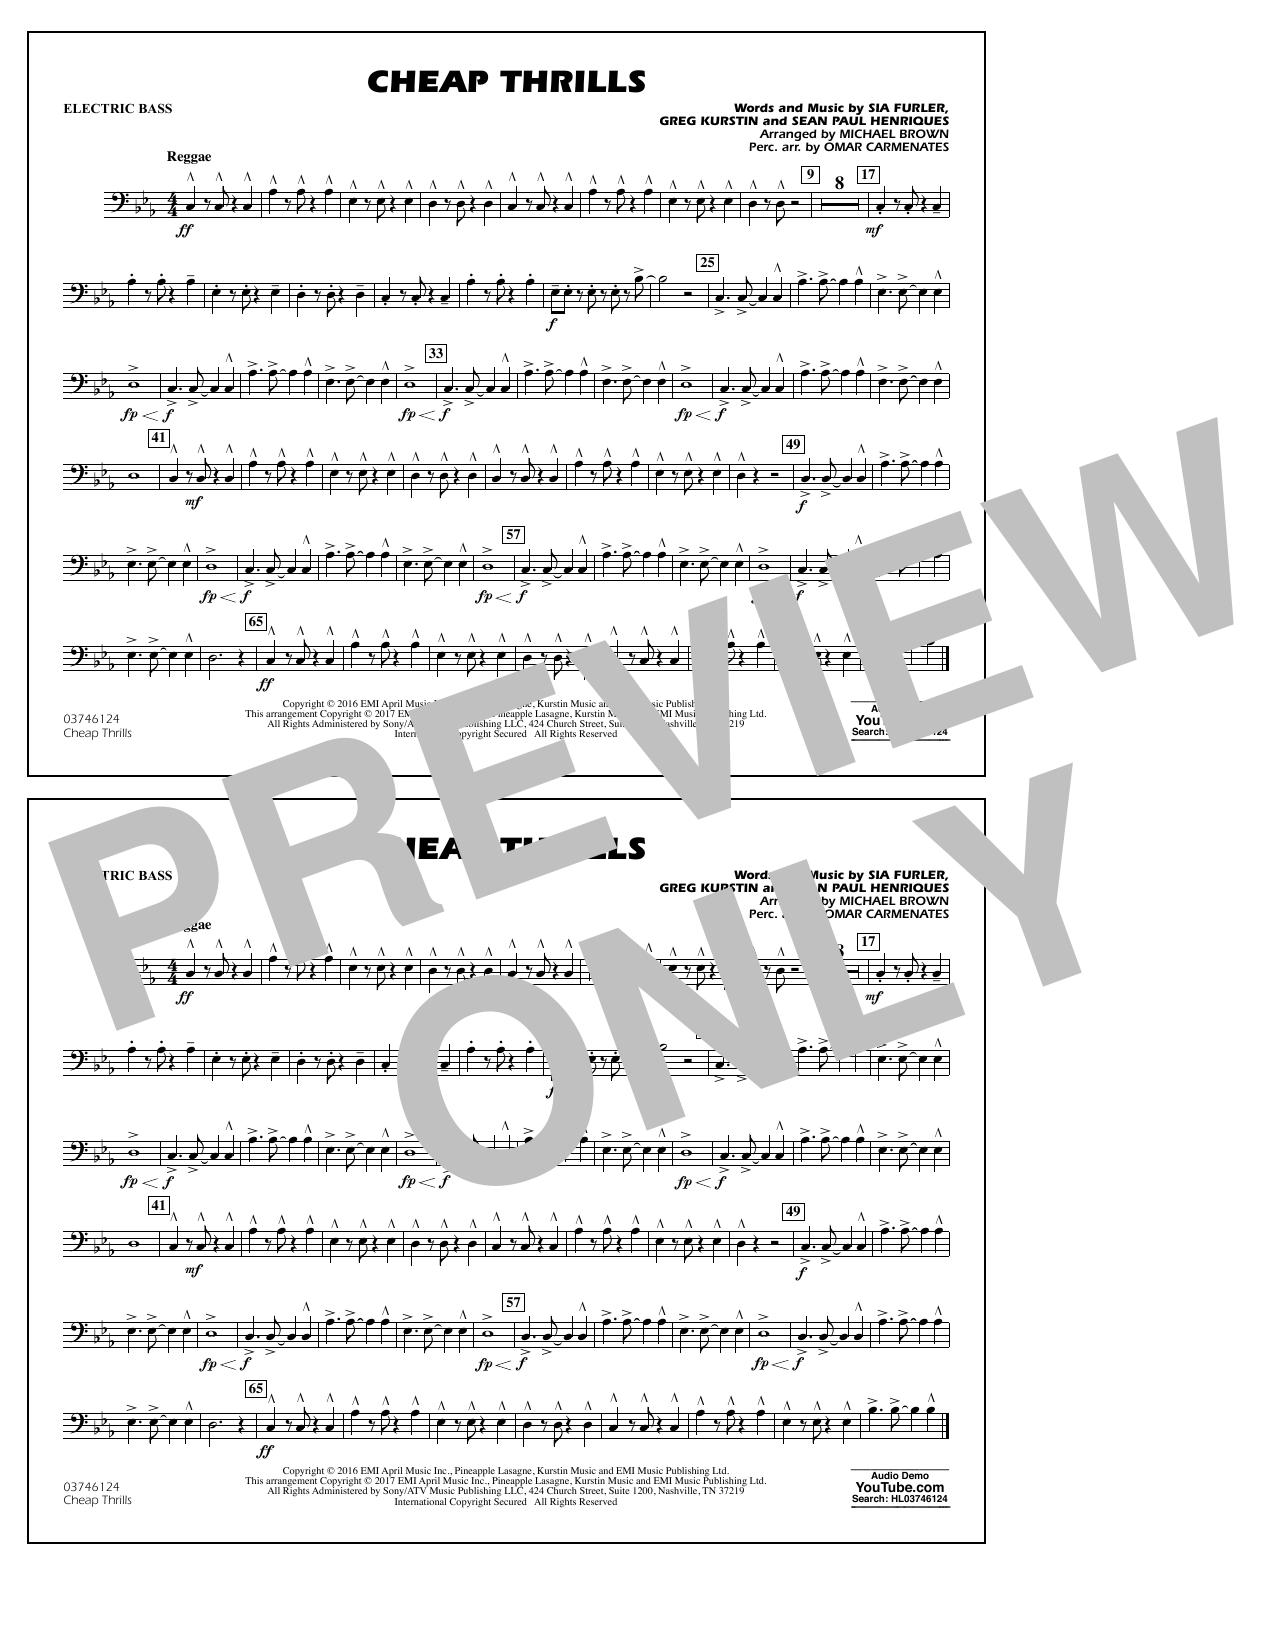 Cheap Thrills - Electric Bass Sheet Music